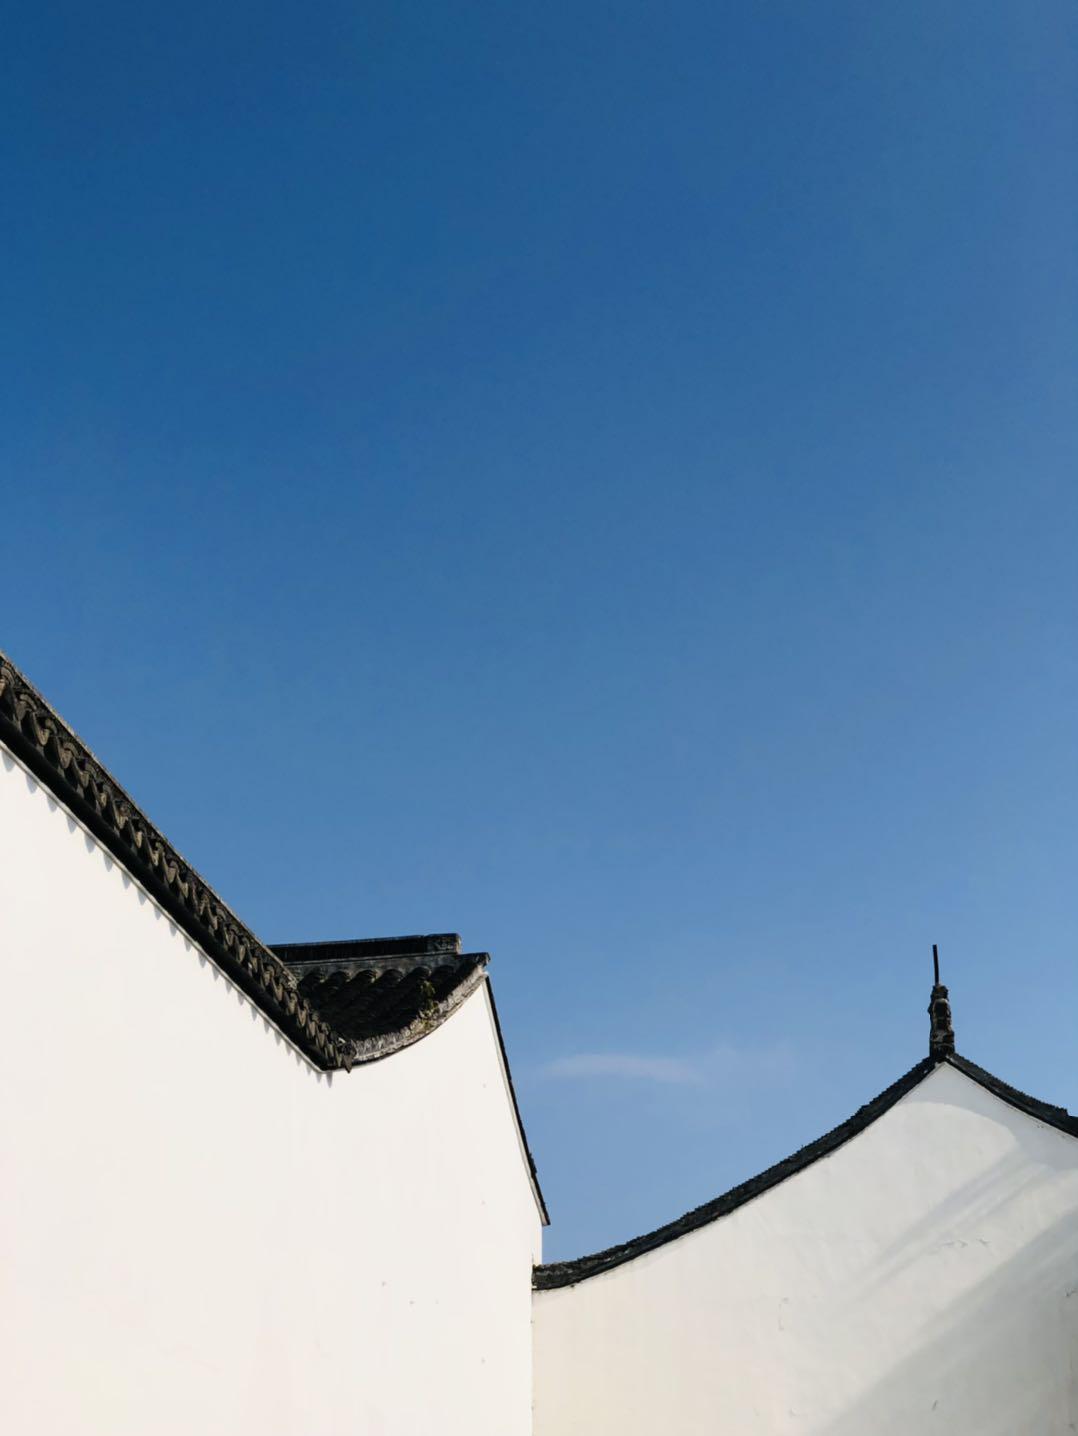 苏州:苏州博物馆2.jpg